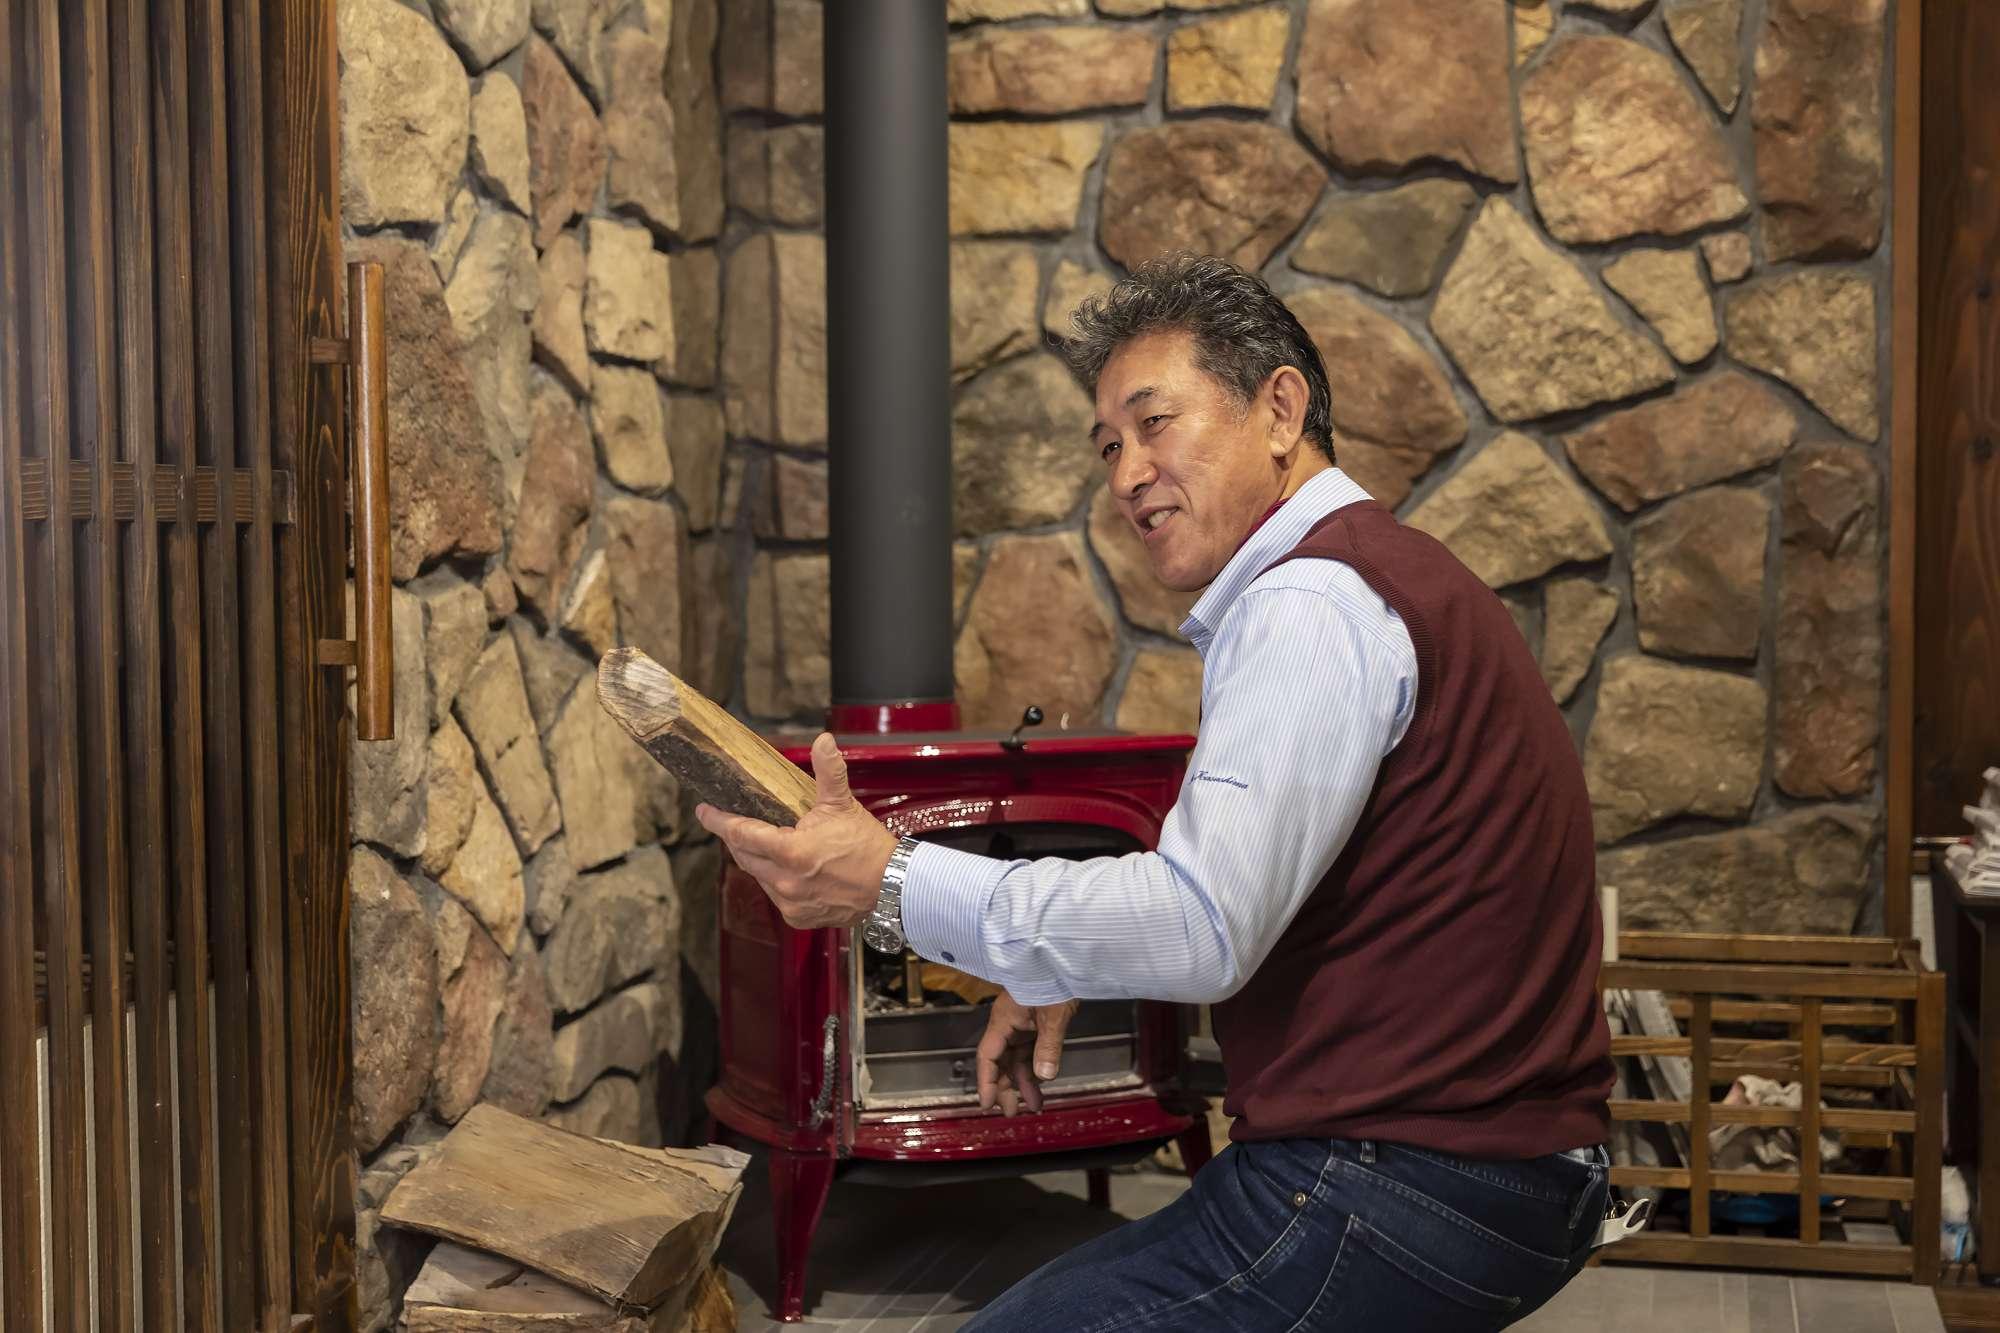 - 「ちょっと大きすぎるわこれ」社長すみませんリフォームで薪ストーブライフを楽しみませんか?薪ストーブの設置で失敗しないためには、爆ぜた薪や熱から床や壁を守る工事、安全な利用のために家具の配置変更や、それによる動線のリフォームが必要な場合も。専門的なプランニングをして、安全で楽しい薪ストーブライフをお届けします。ご相談はカサシマ工務舎まで◎ -  -